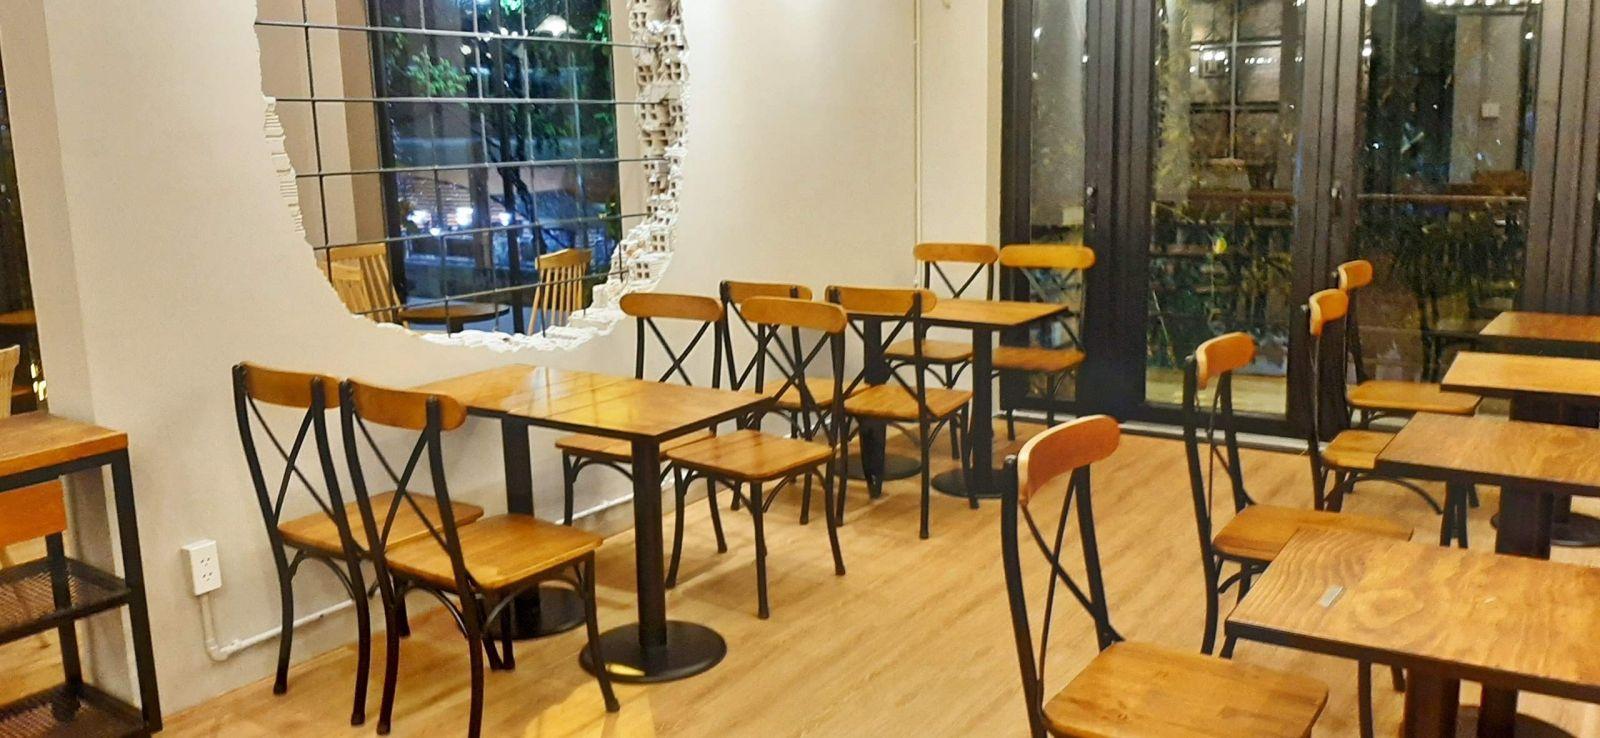 bàn ghế pcm cung cấp nội thất quán cafe thức